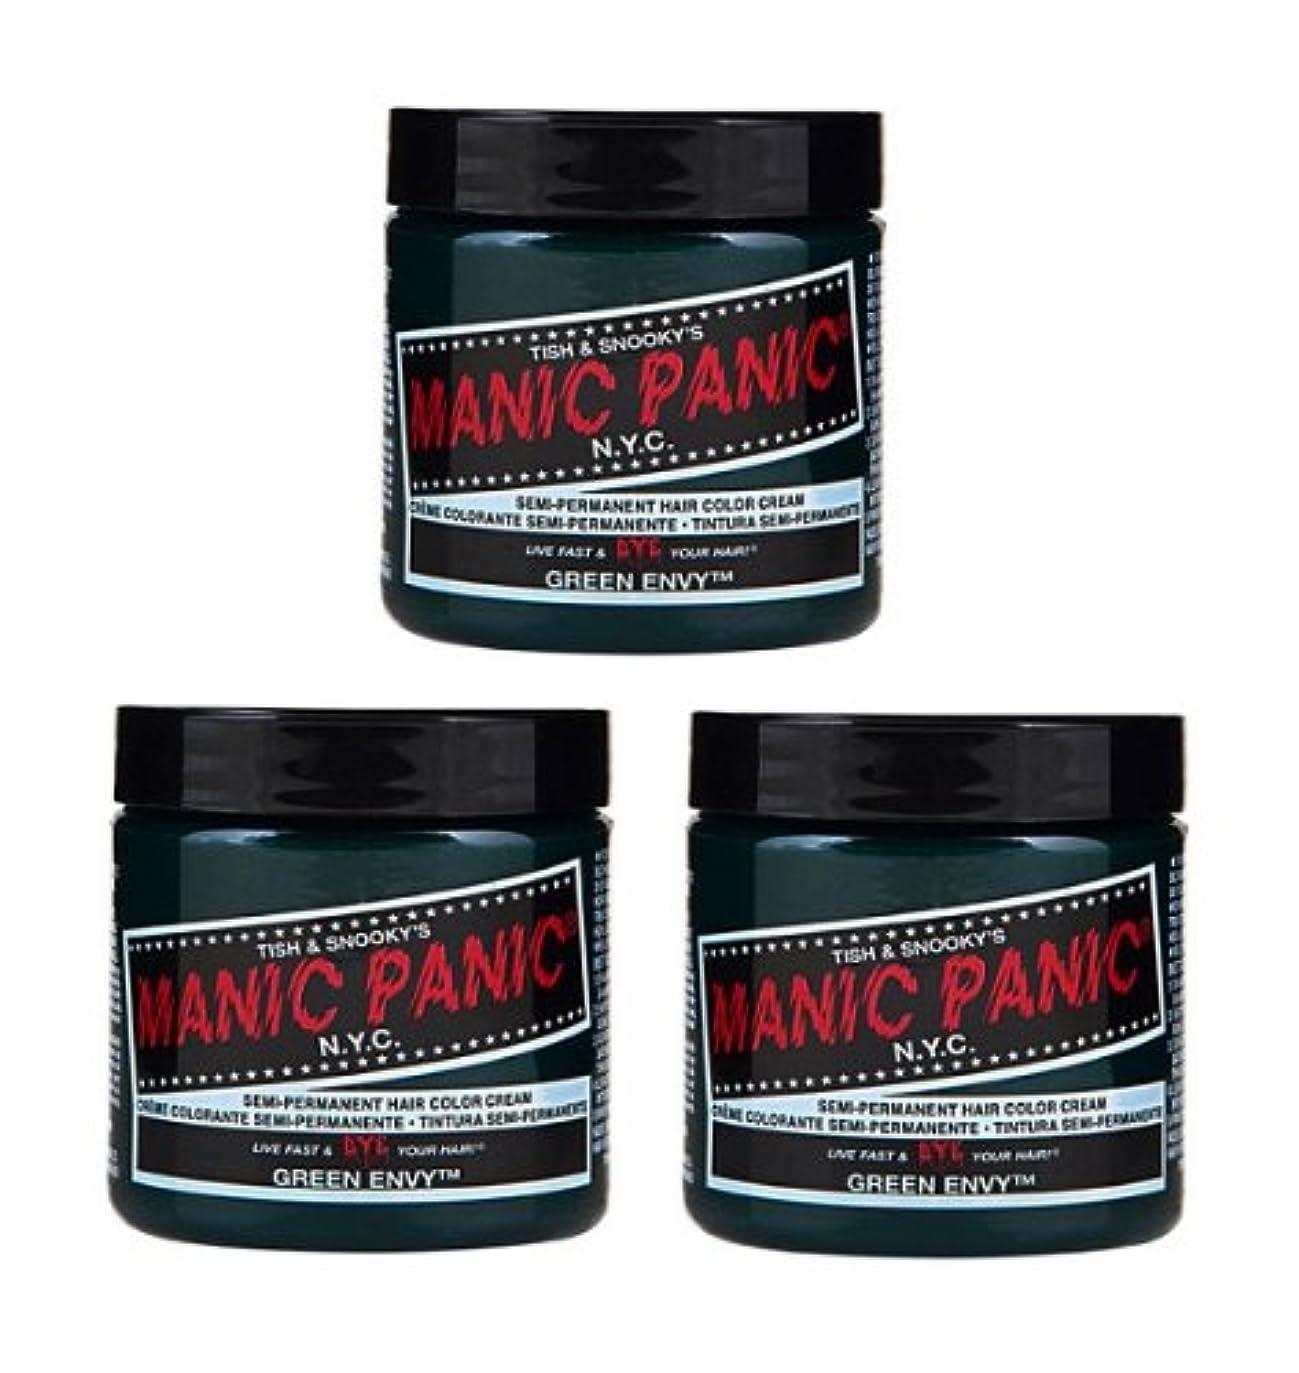 アレンジレンダーシャイニング【3個セット】MANIC PANIC マニックパニック Green Envy グリーンエンヴィ 118ml